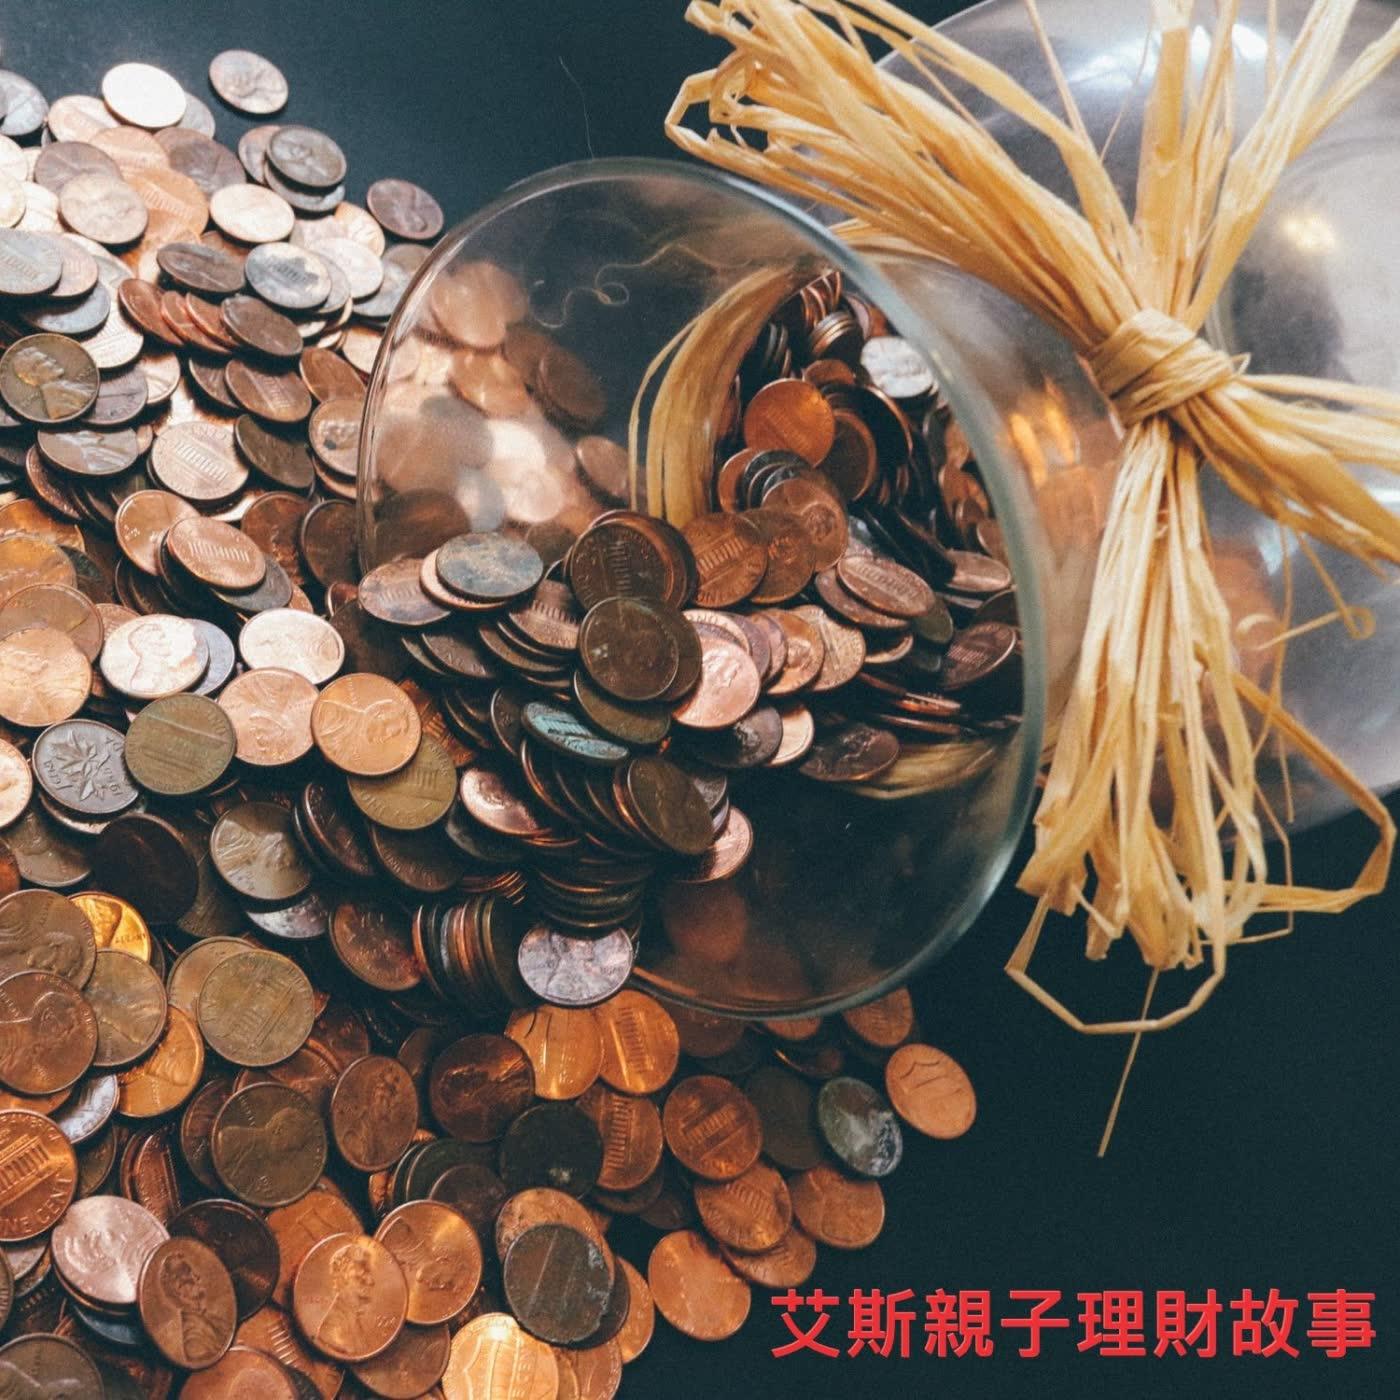 EP008《有錢人的腦袋》 富人和窮人的不同,富人懂得借力使力,用錢賺錢。